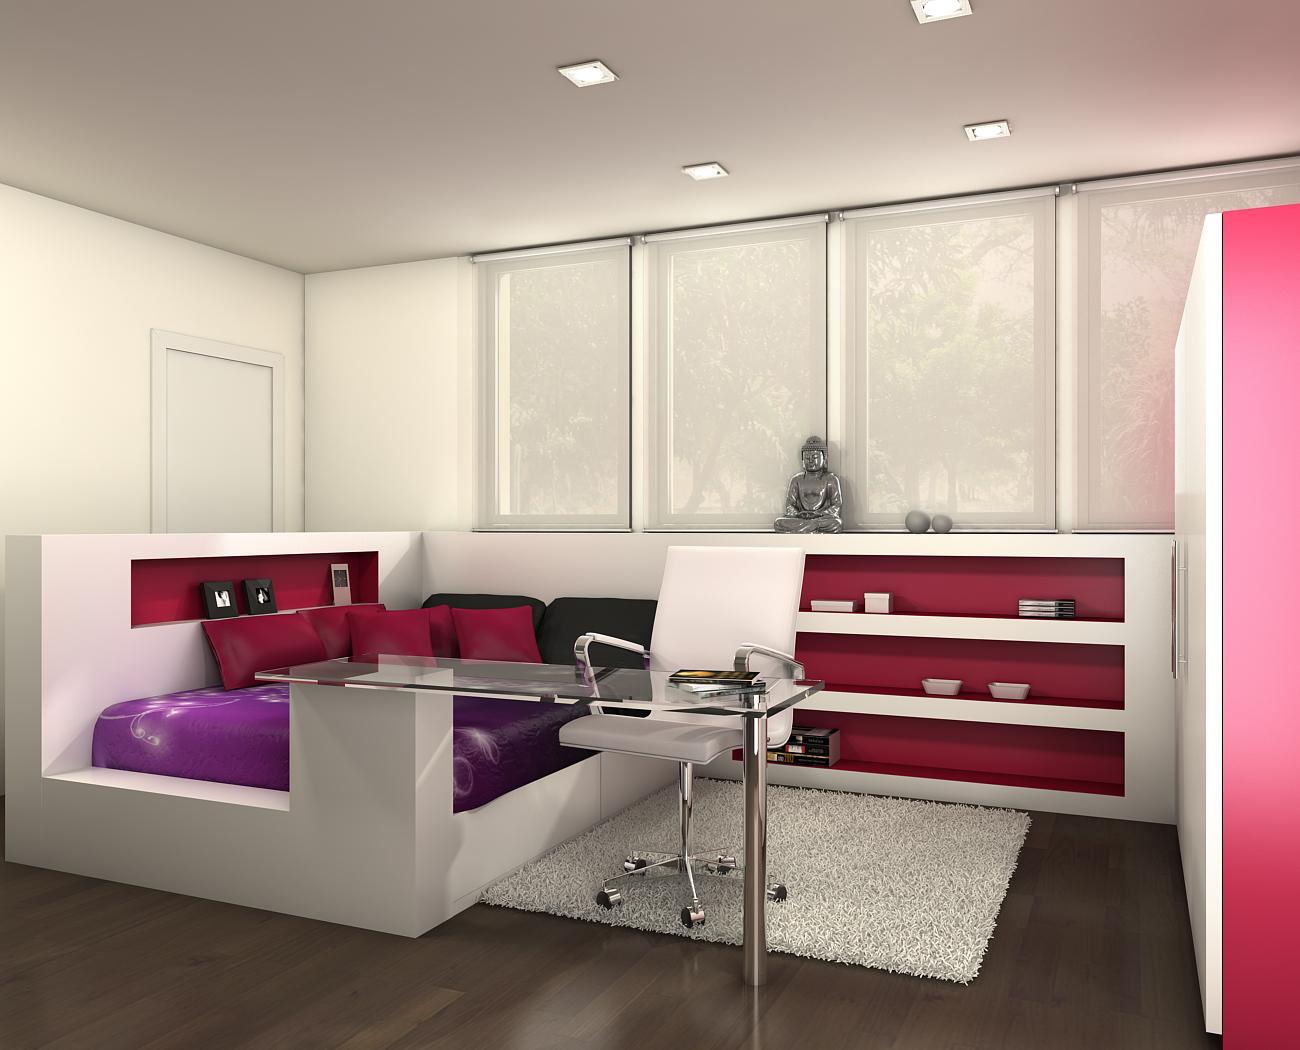 Decoracion Dormitorios Juveniles Ikea Decoracion